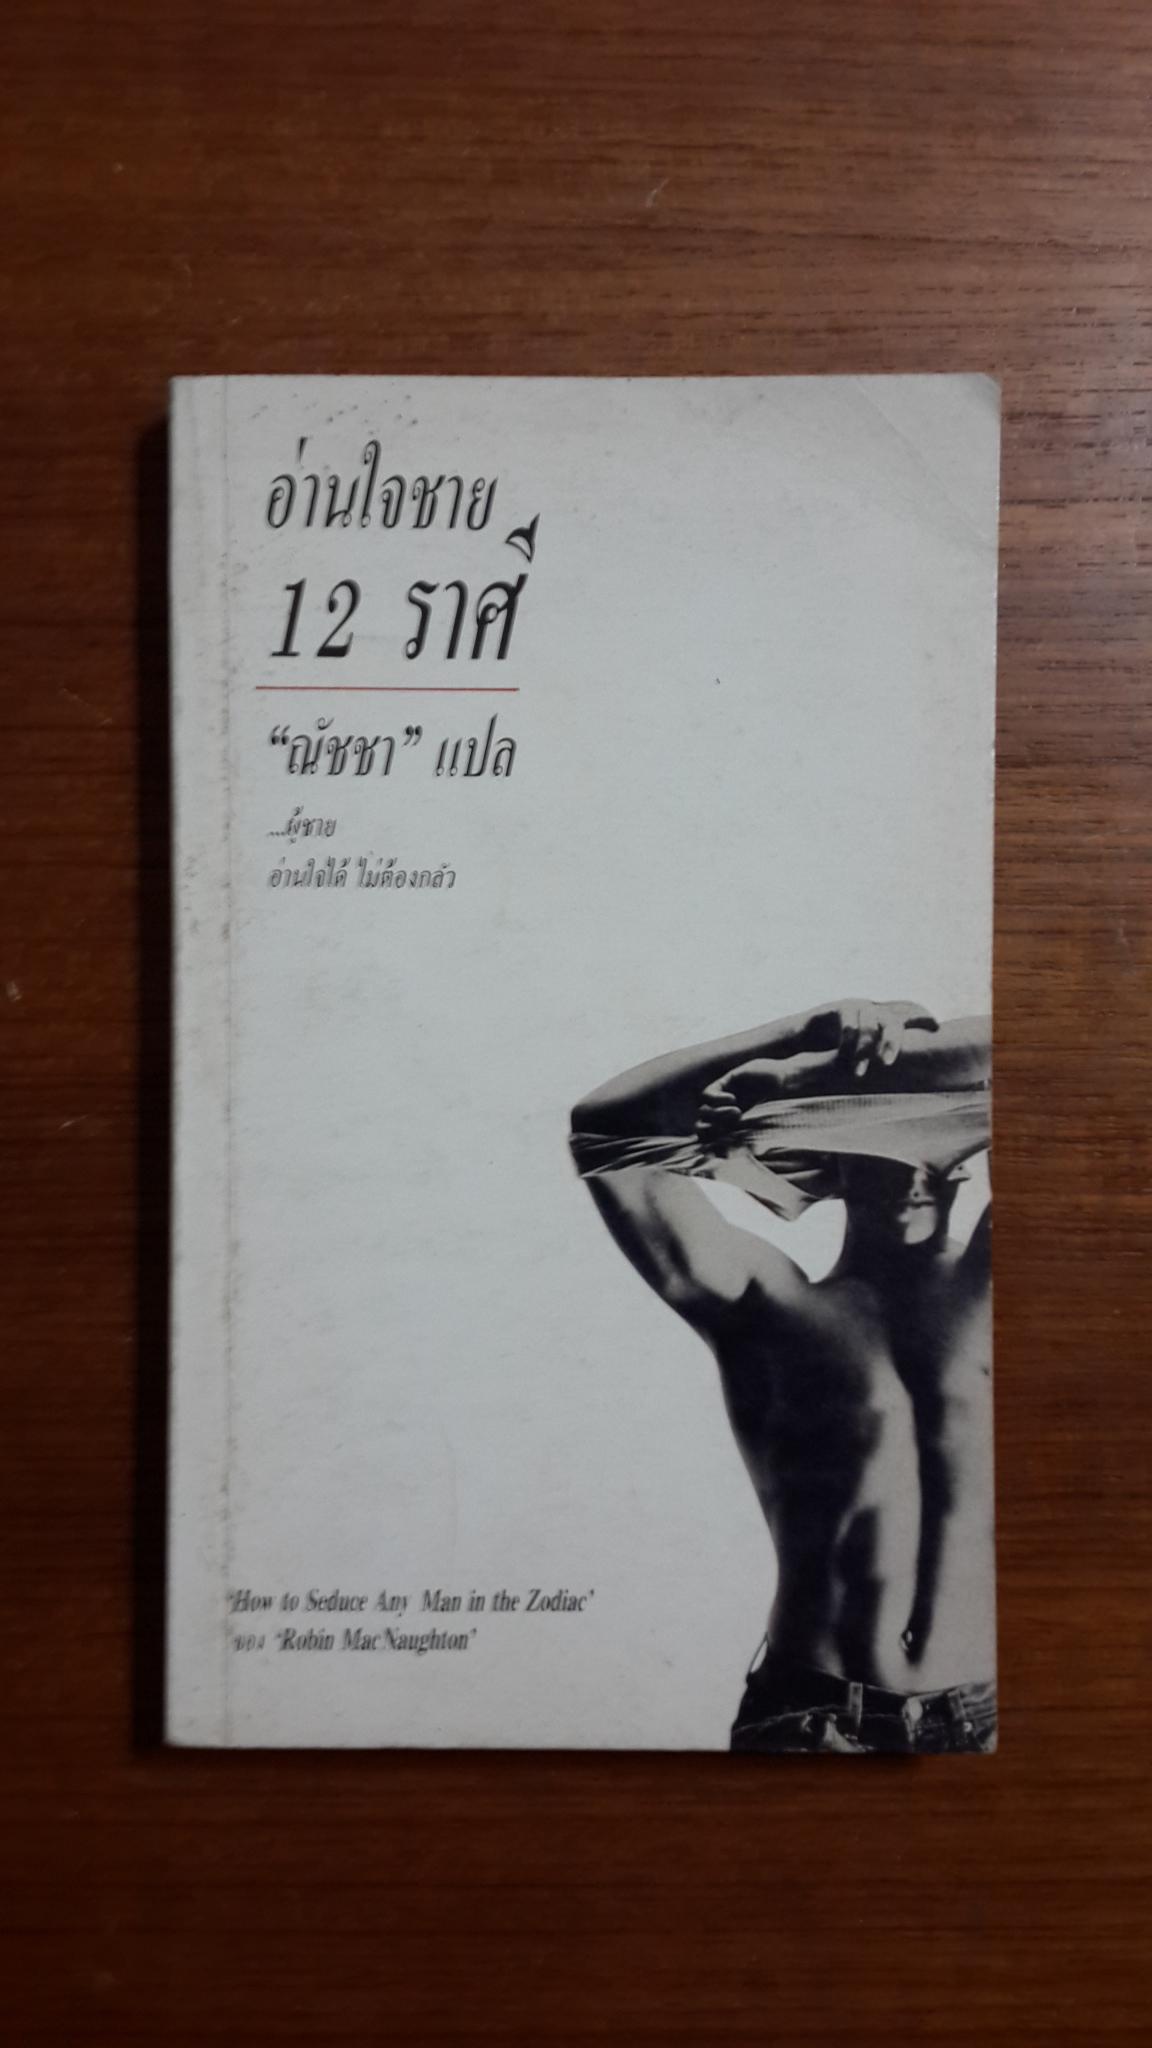 อ่านใจชาย 12 ราศี / ณัชชา แปล